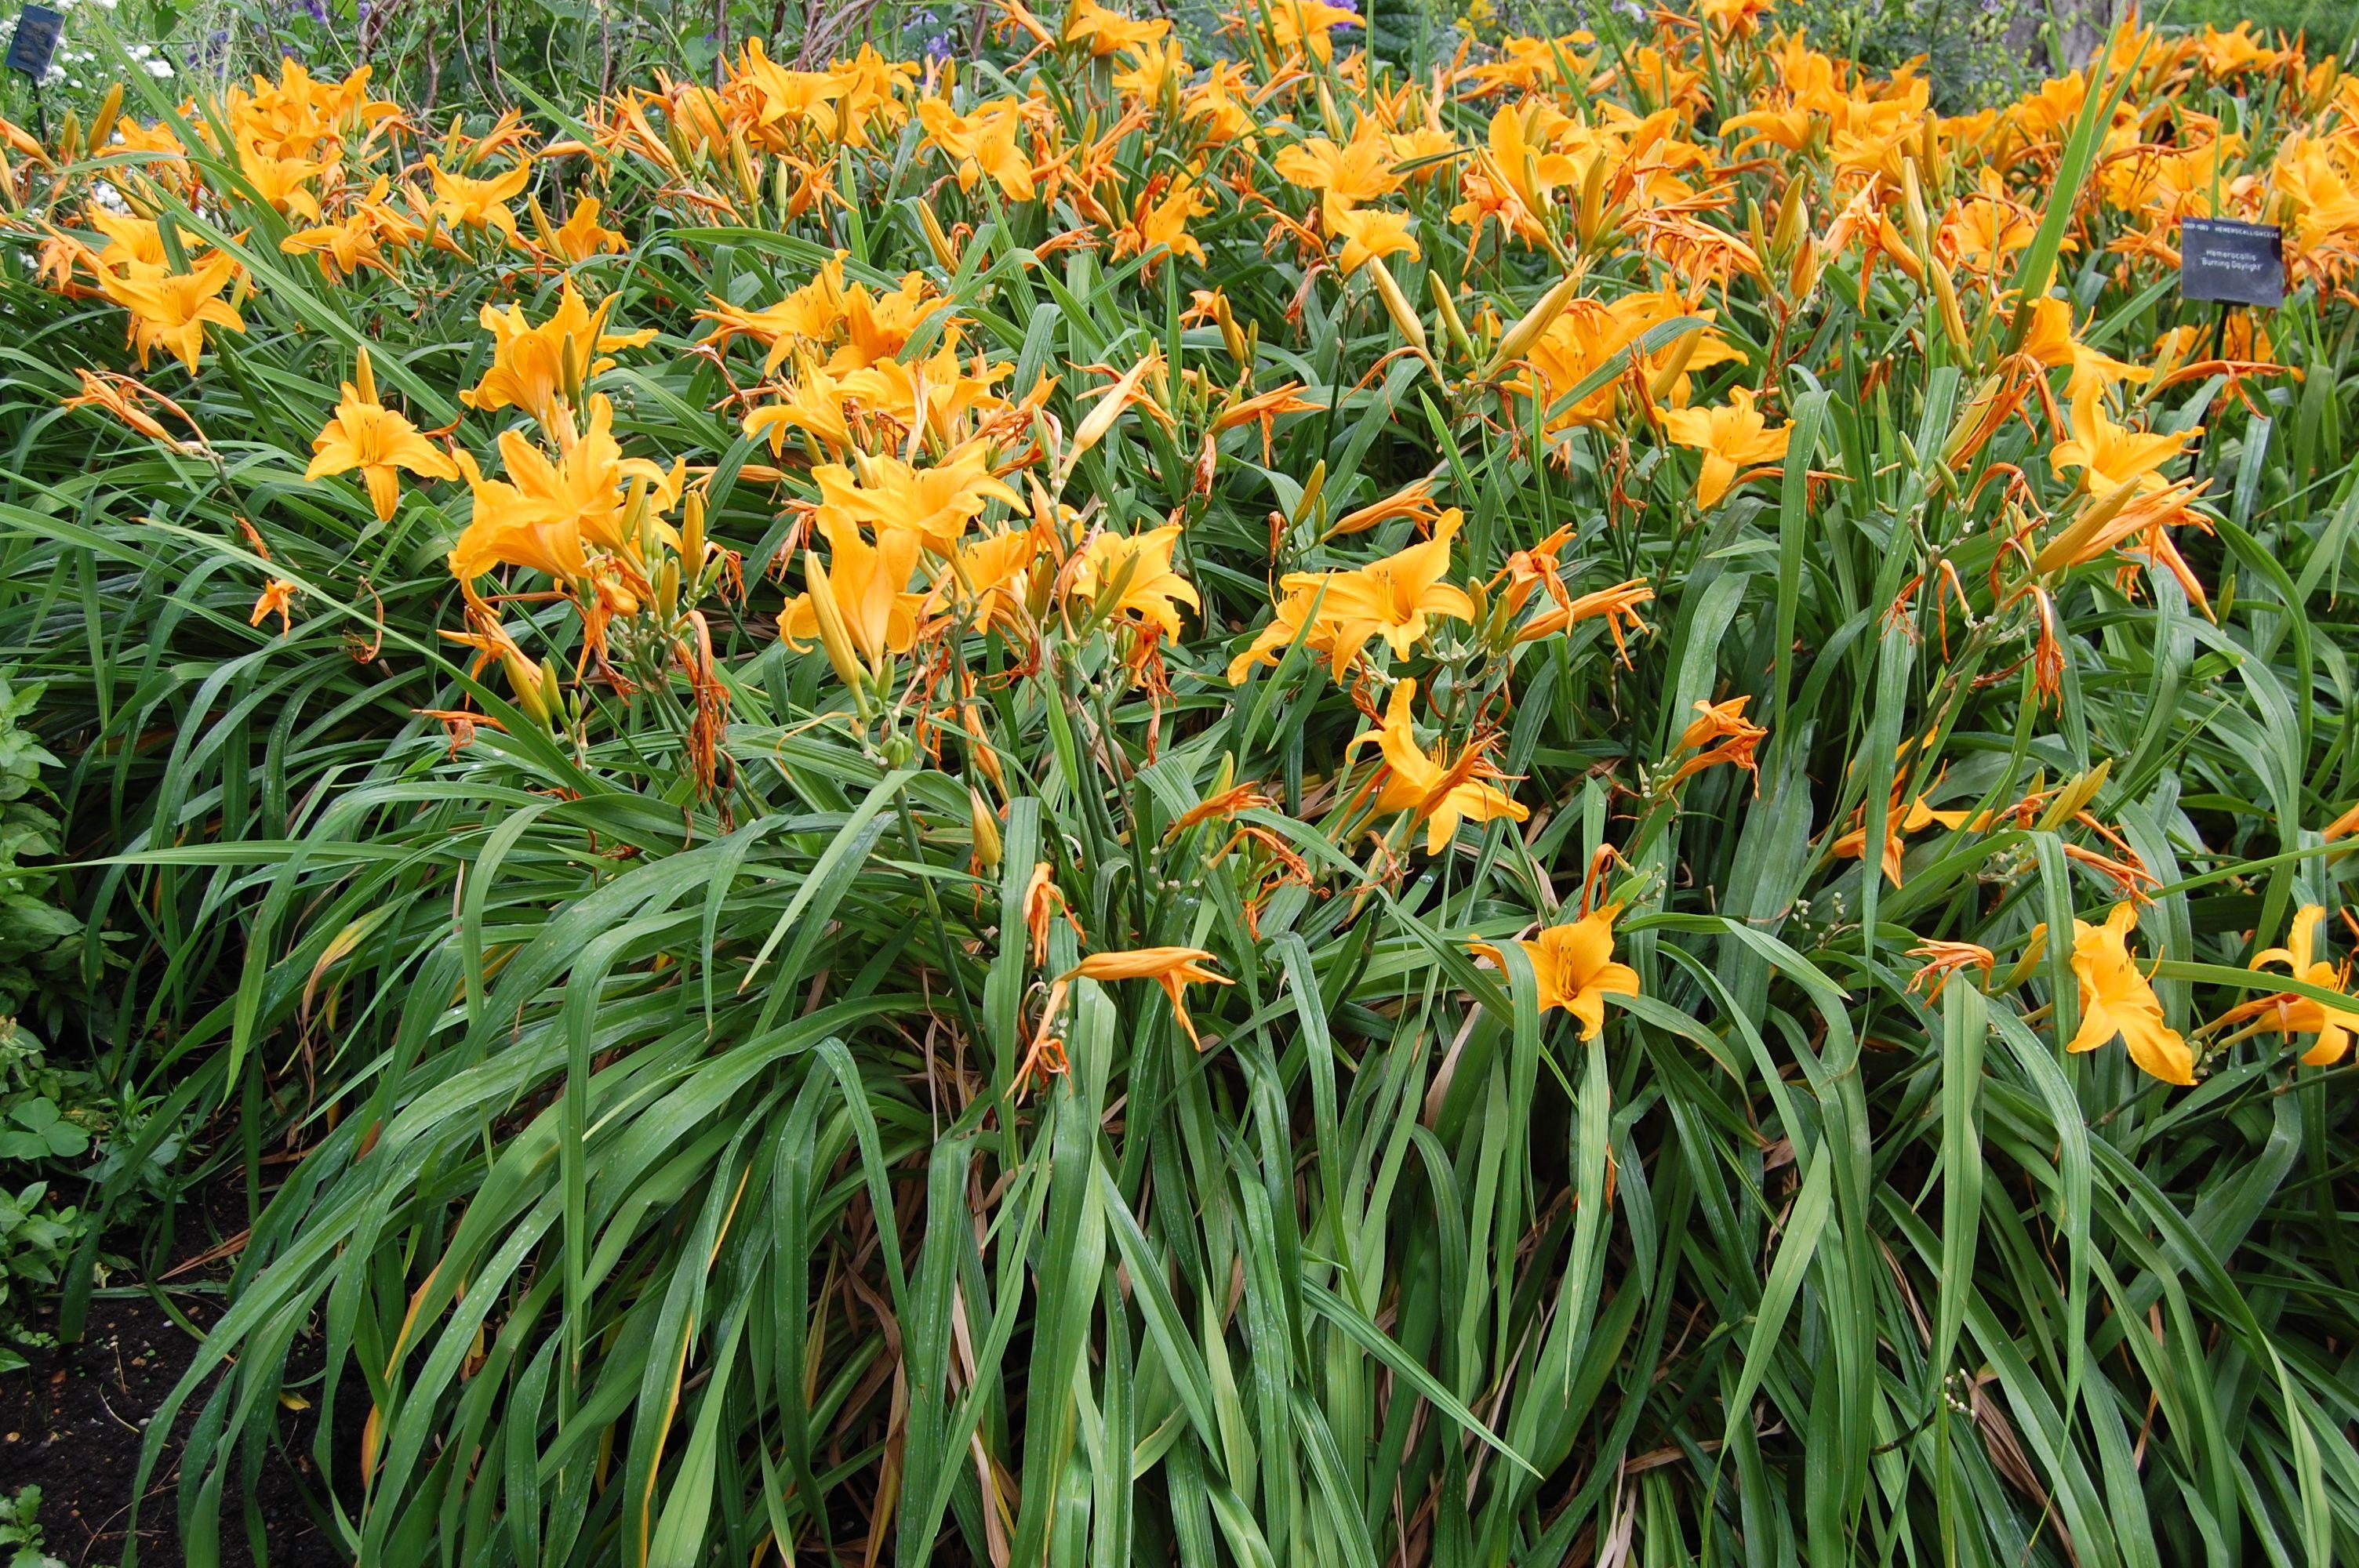 Hemerocallis - evergreen perennial plant